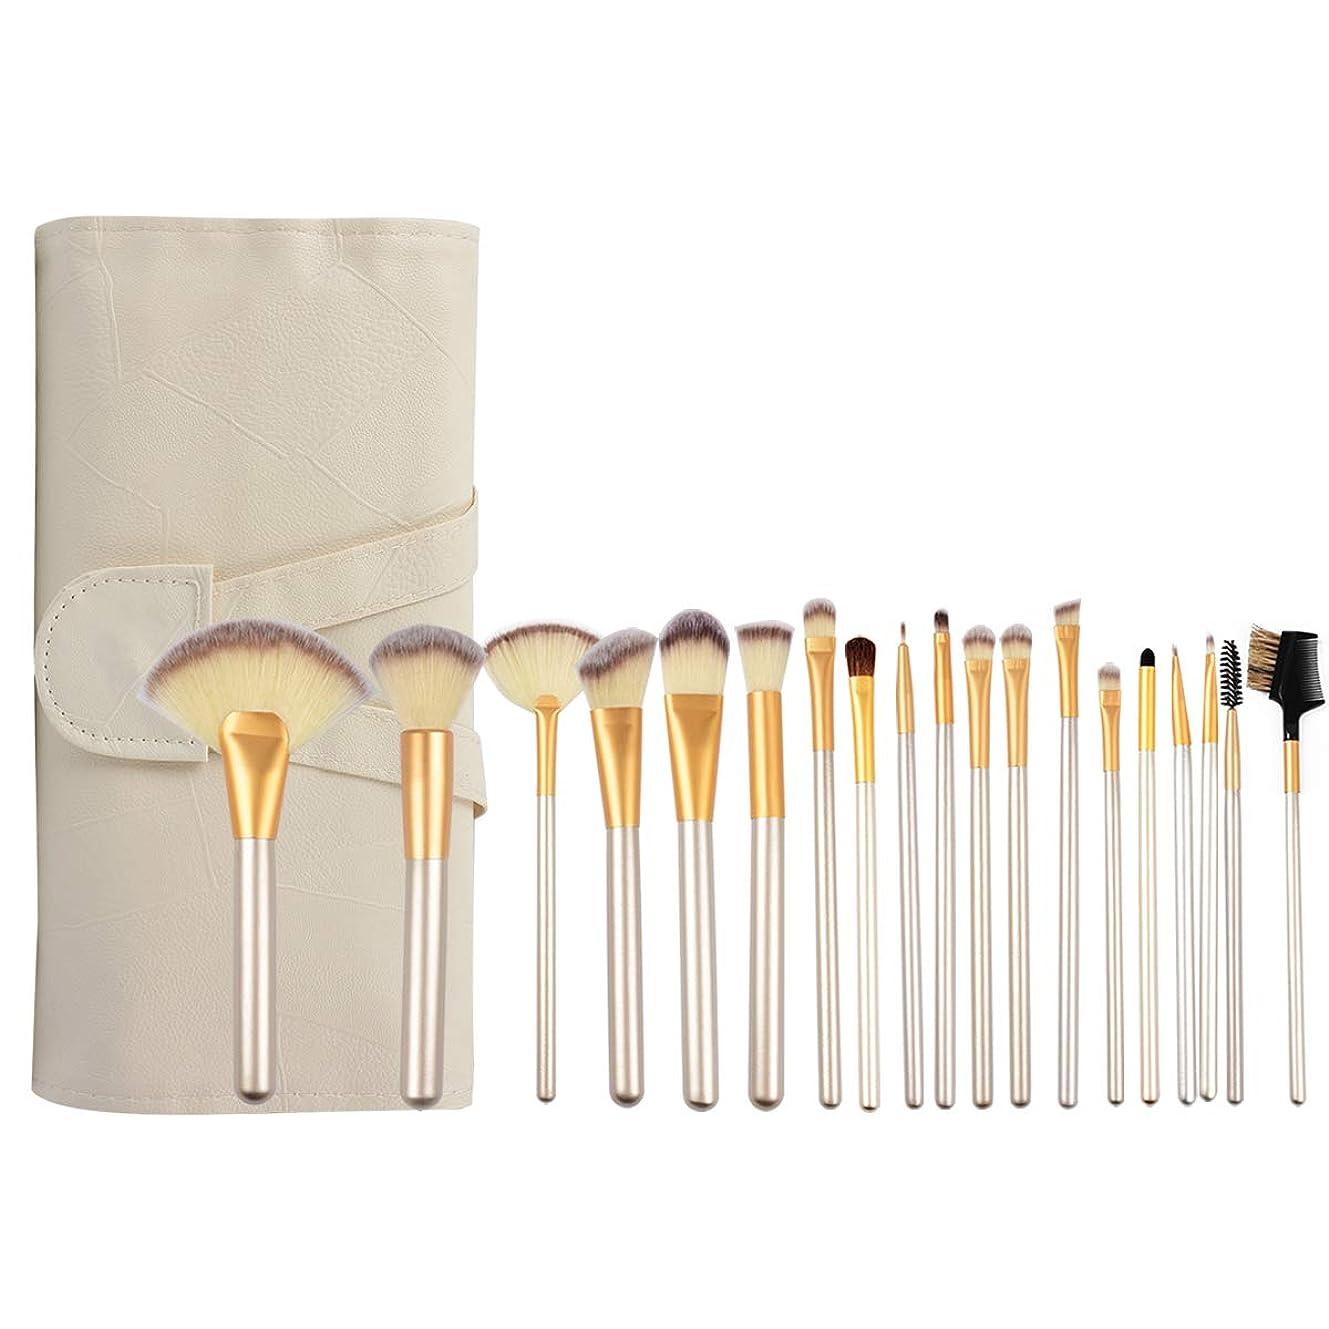 教えつなぐ特異なKaarii メイクブラシ 18本 人気 メイクブラシセット 専門化粧筆 化粧ポーチ フェイスブラシ 柔らかい 高級繊維毛 専用ポーチ付き コスメブラシ (18本 メークブラシ)